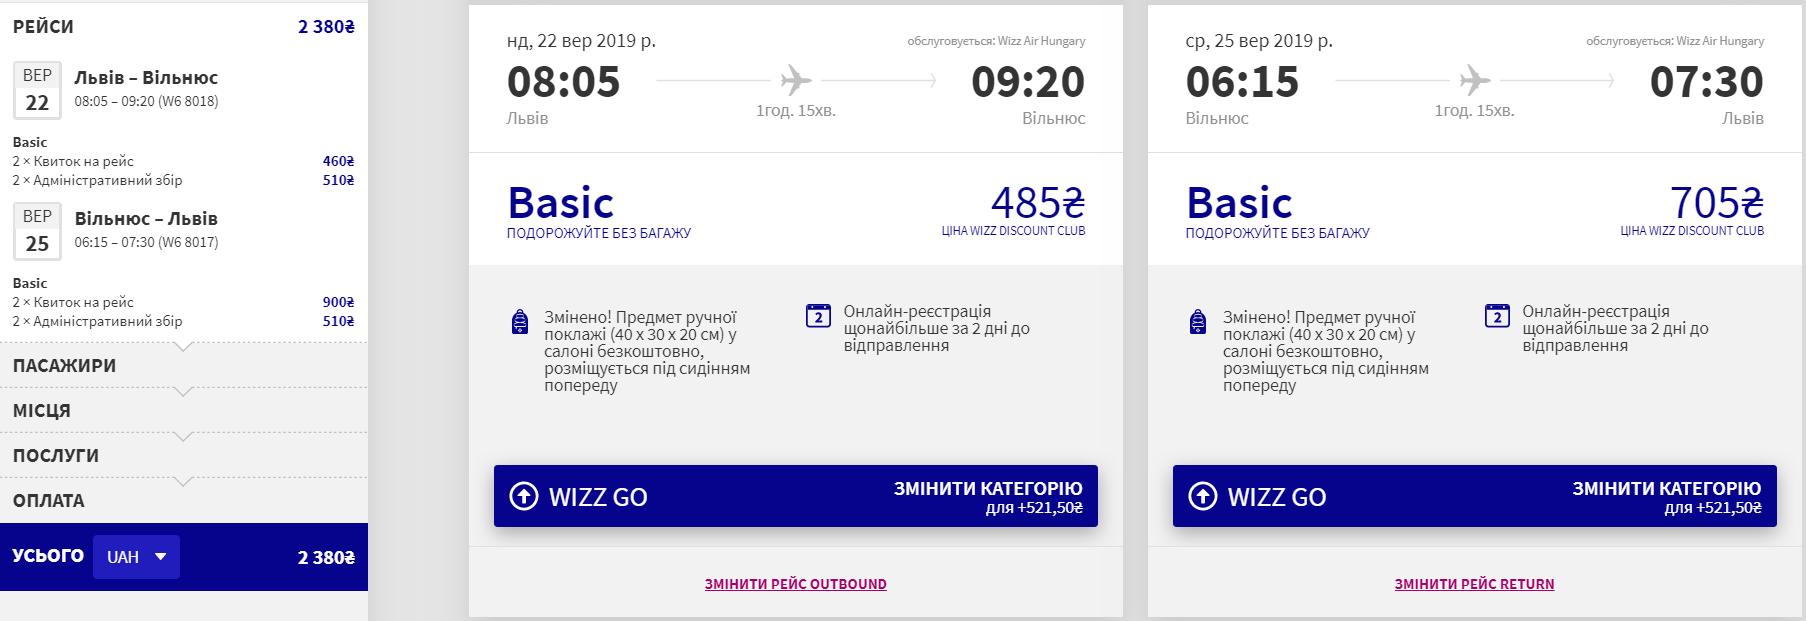 Львів - Вільнюс - Львів >>